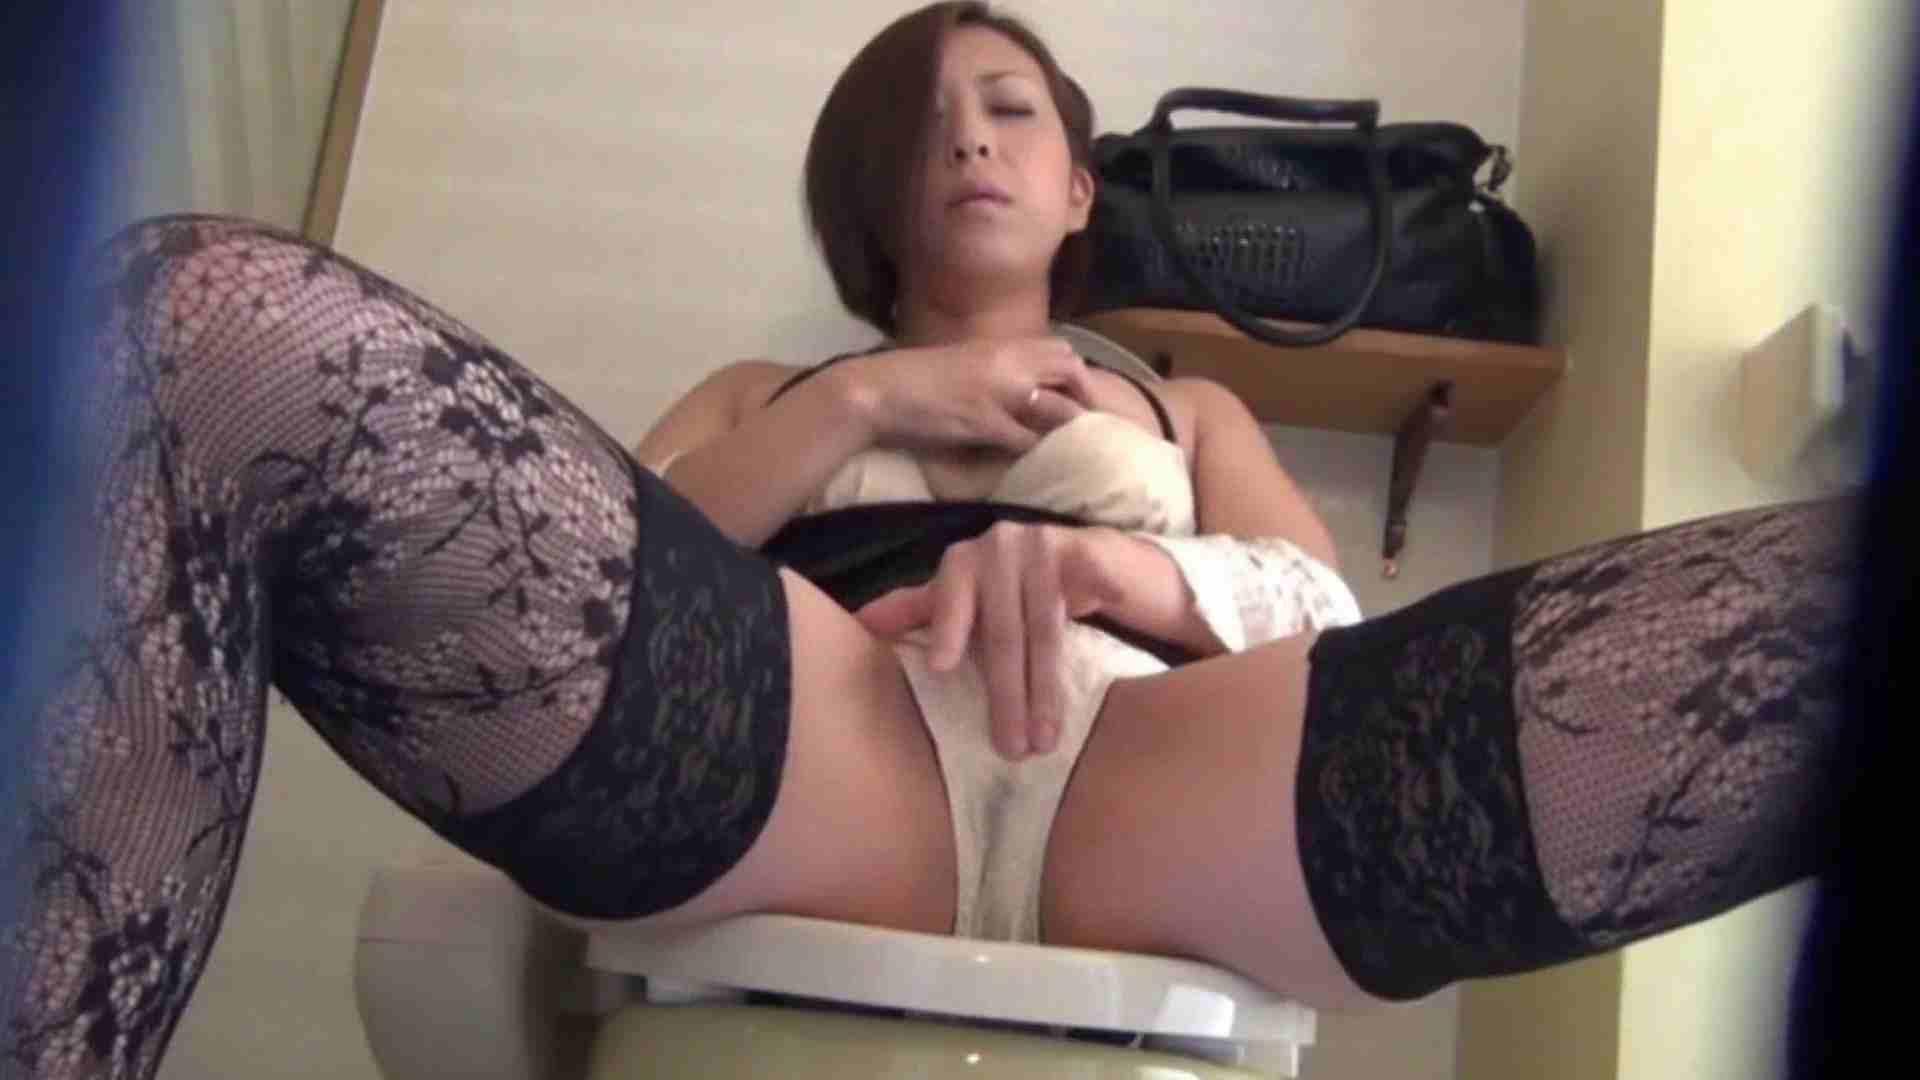 変態オナニー劇場 Vol.38 オナニーし放題 | ギャルライフ  20pic 4